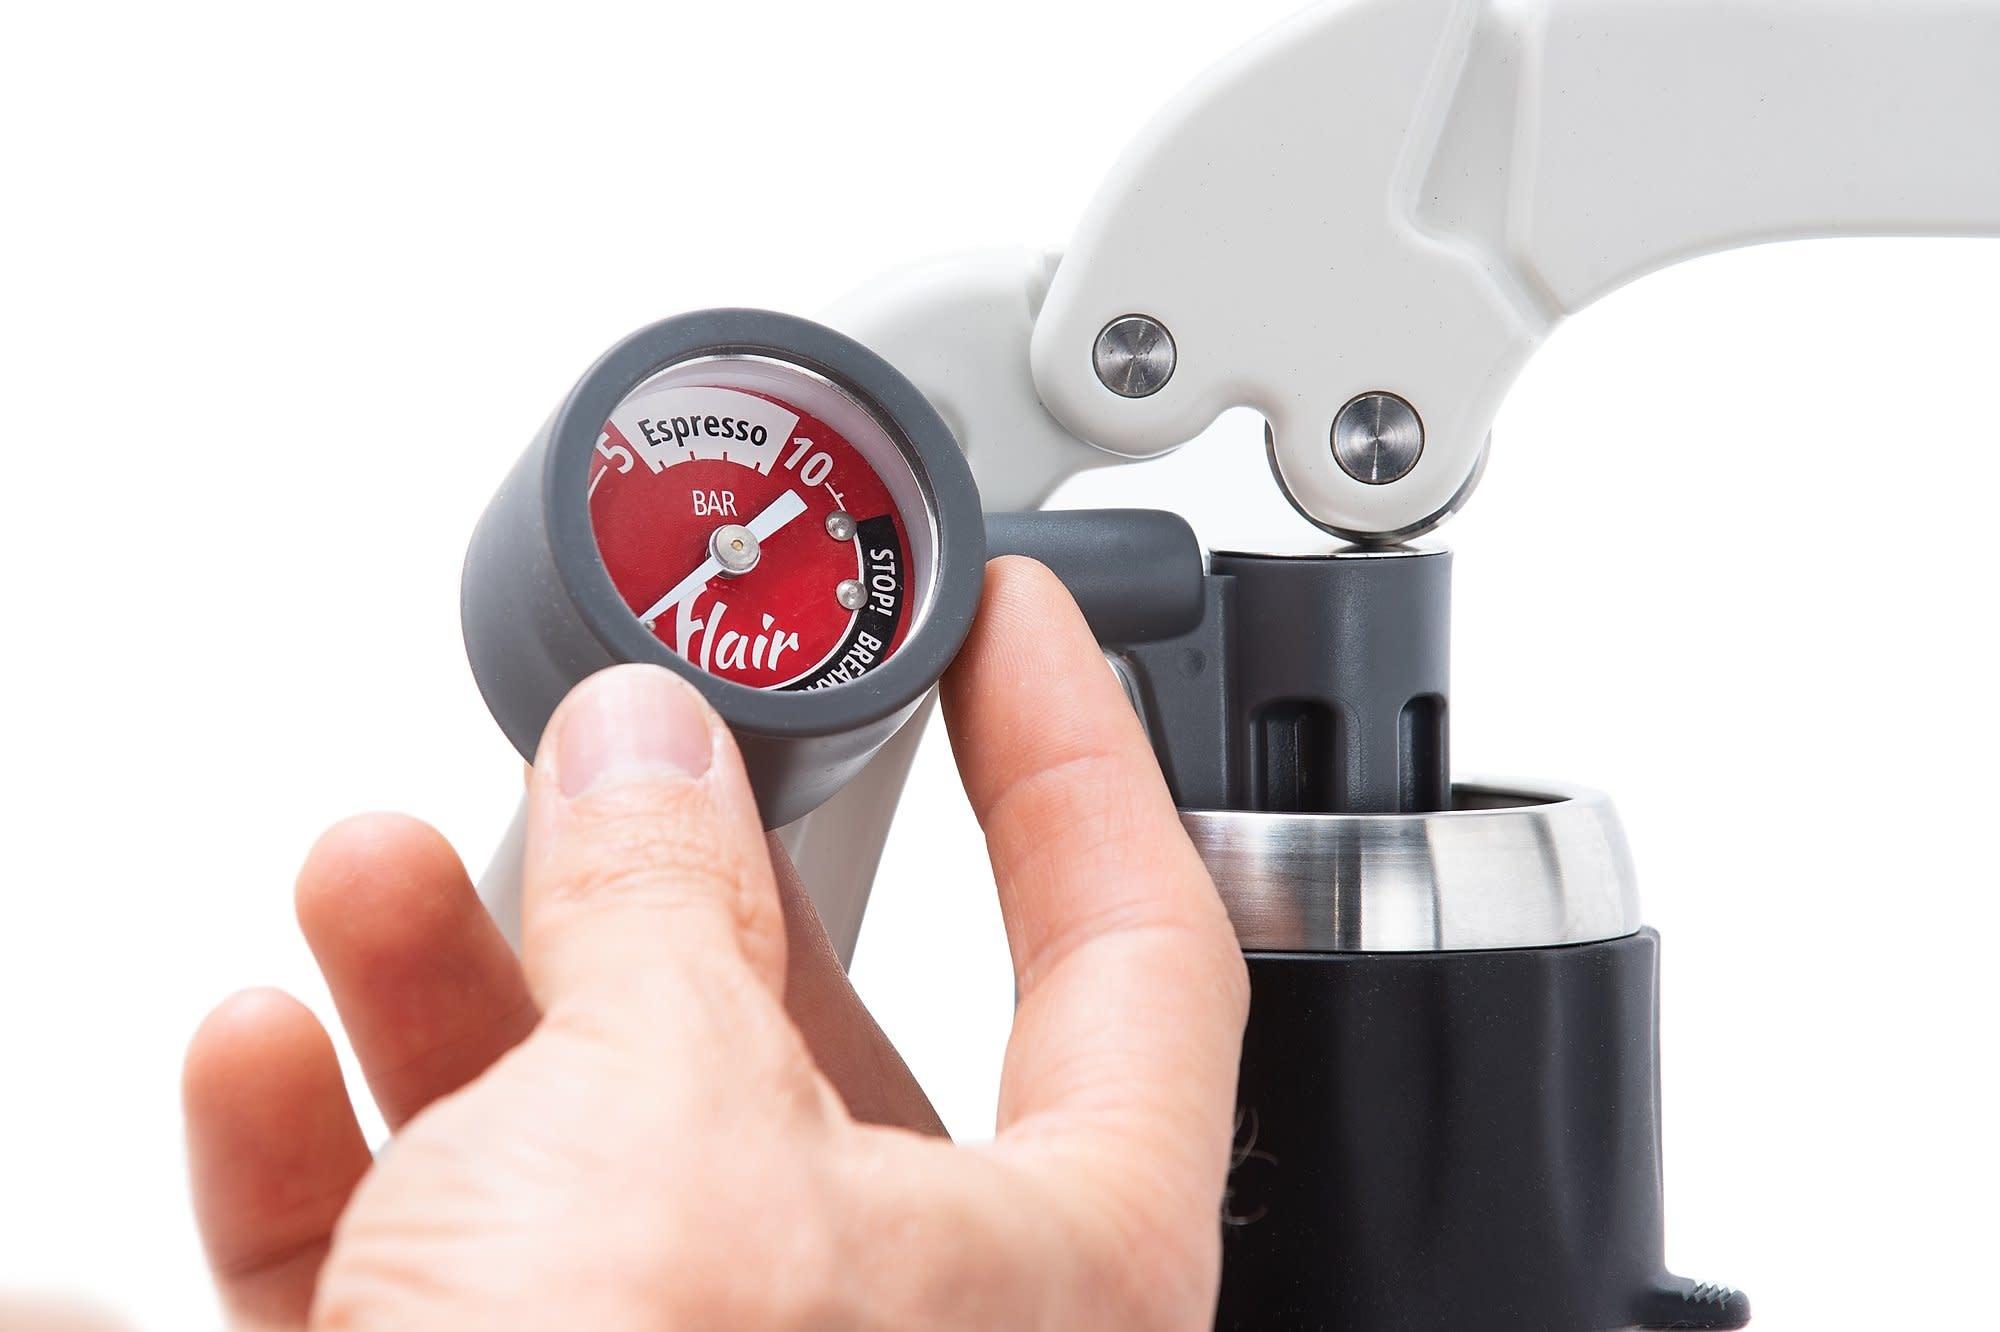 Flair Espresso Flair Pro 2 Espresso Maker - Chrome